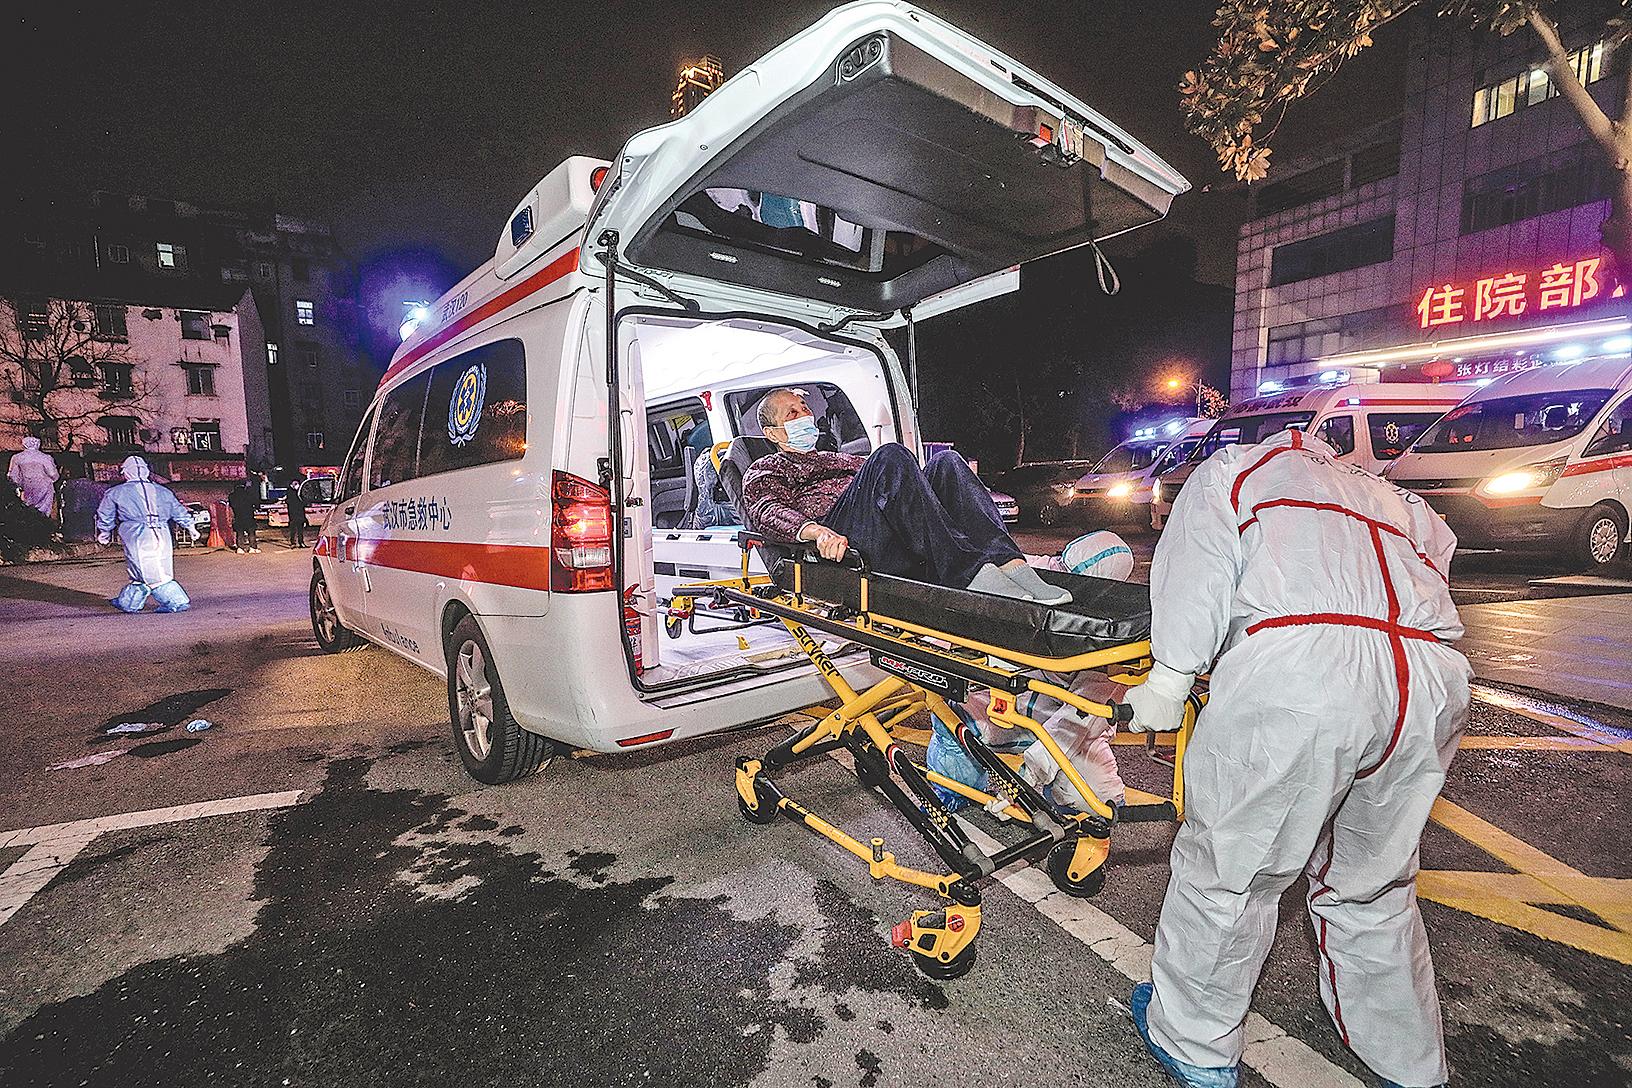 2020年3月3日,武漢新冠病毒患者等待從武漢市第五醫院轉移到雷神山醫院。(STR/AFP via Getty Images)